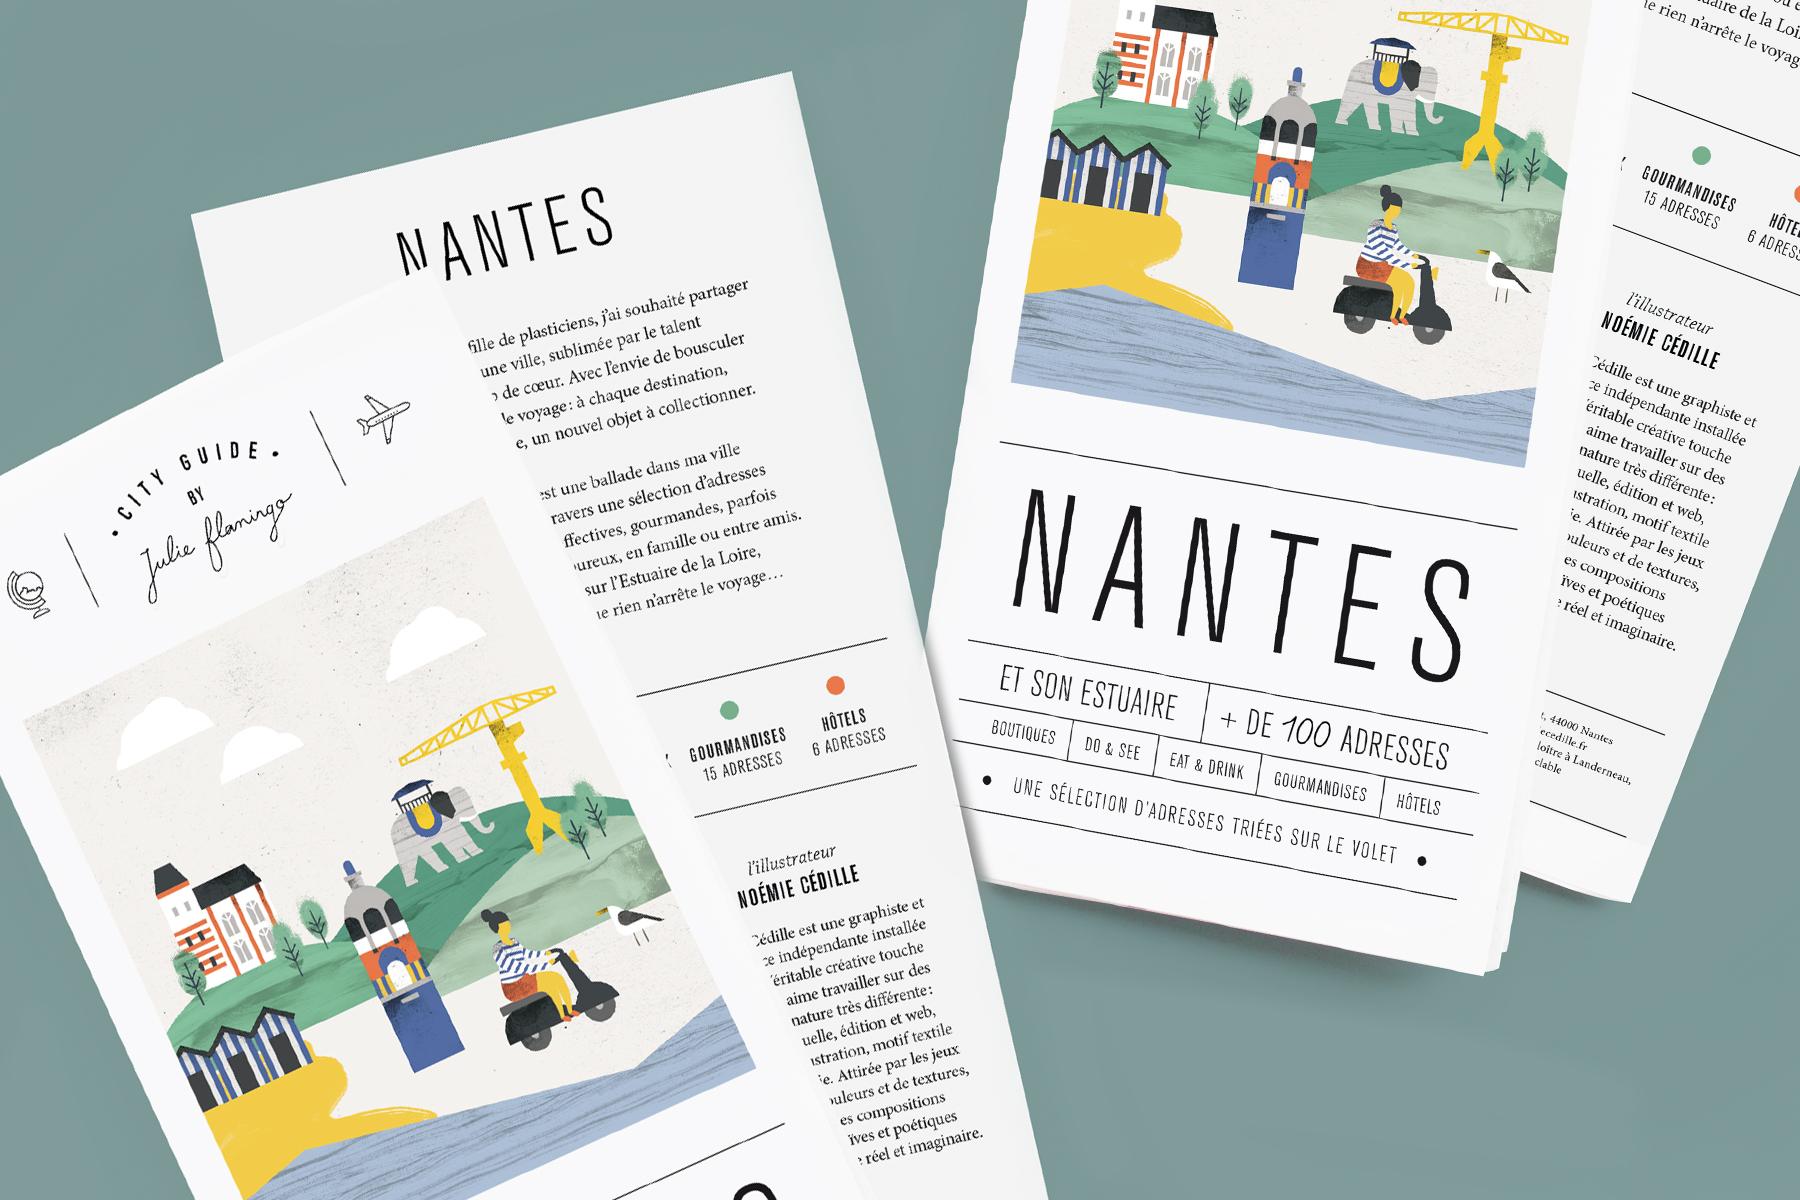 nantes_portfolio02